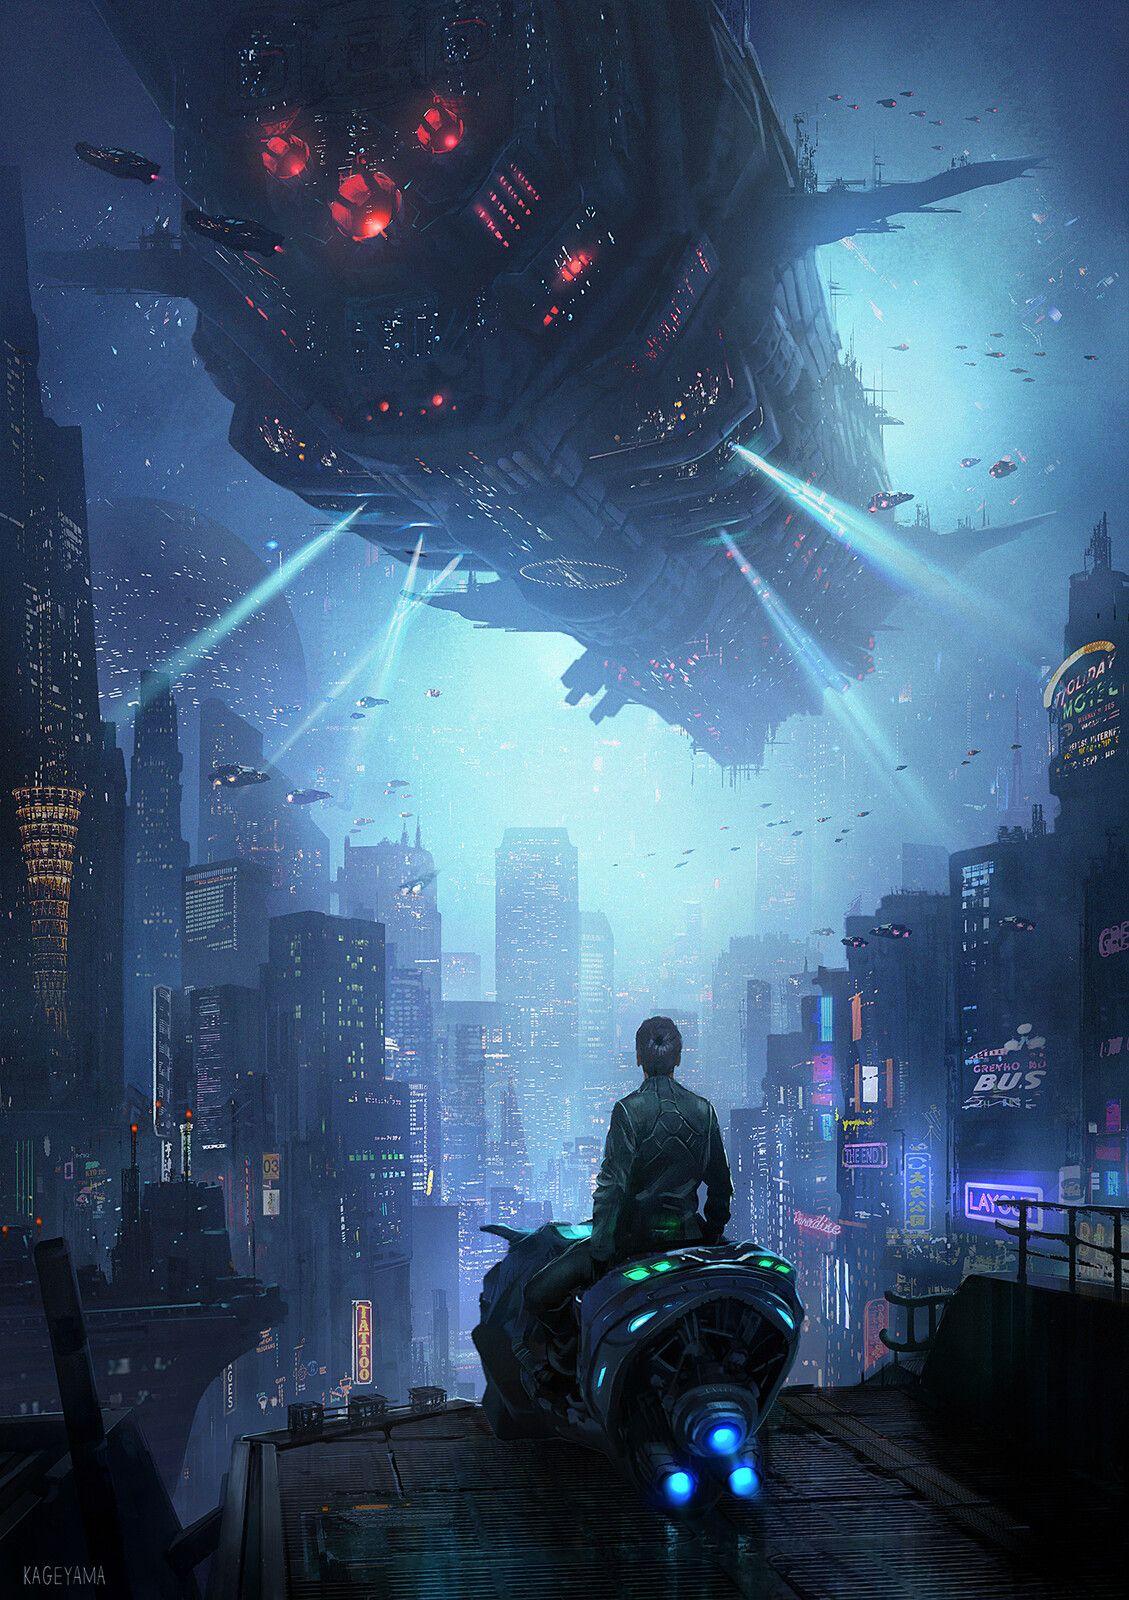 Scene De Science Fiction Science Fiction Artwork Cyberpunk City Futuristic Art